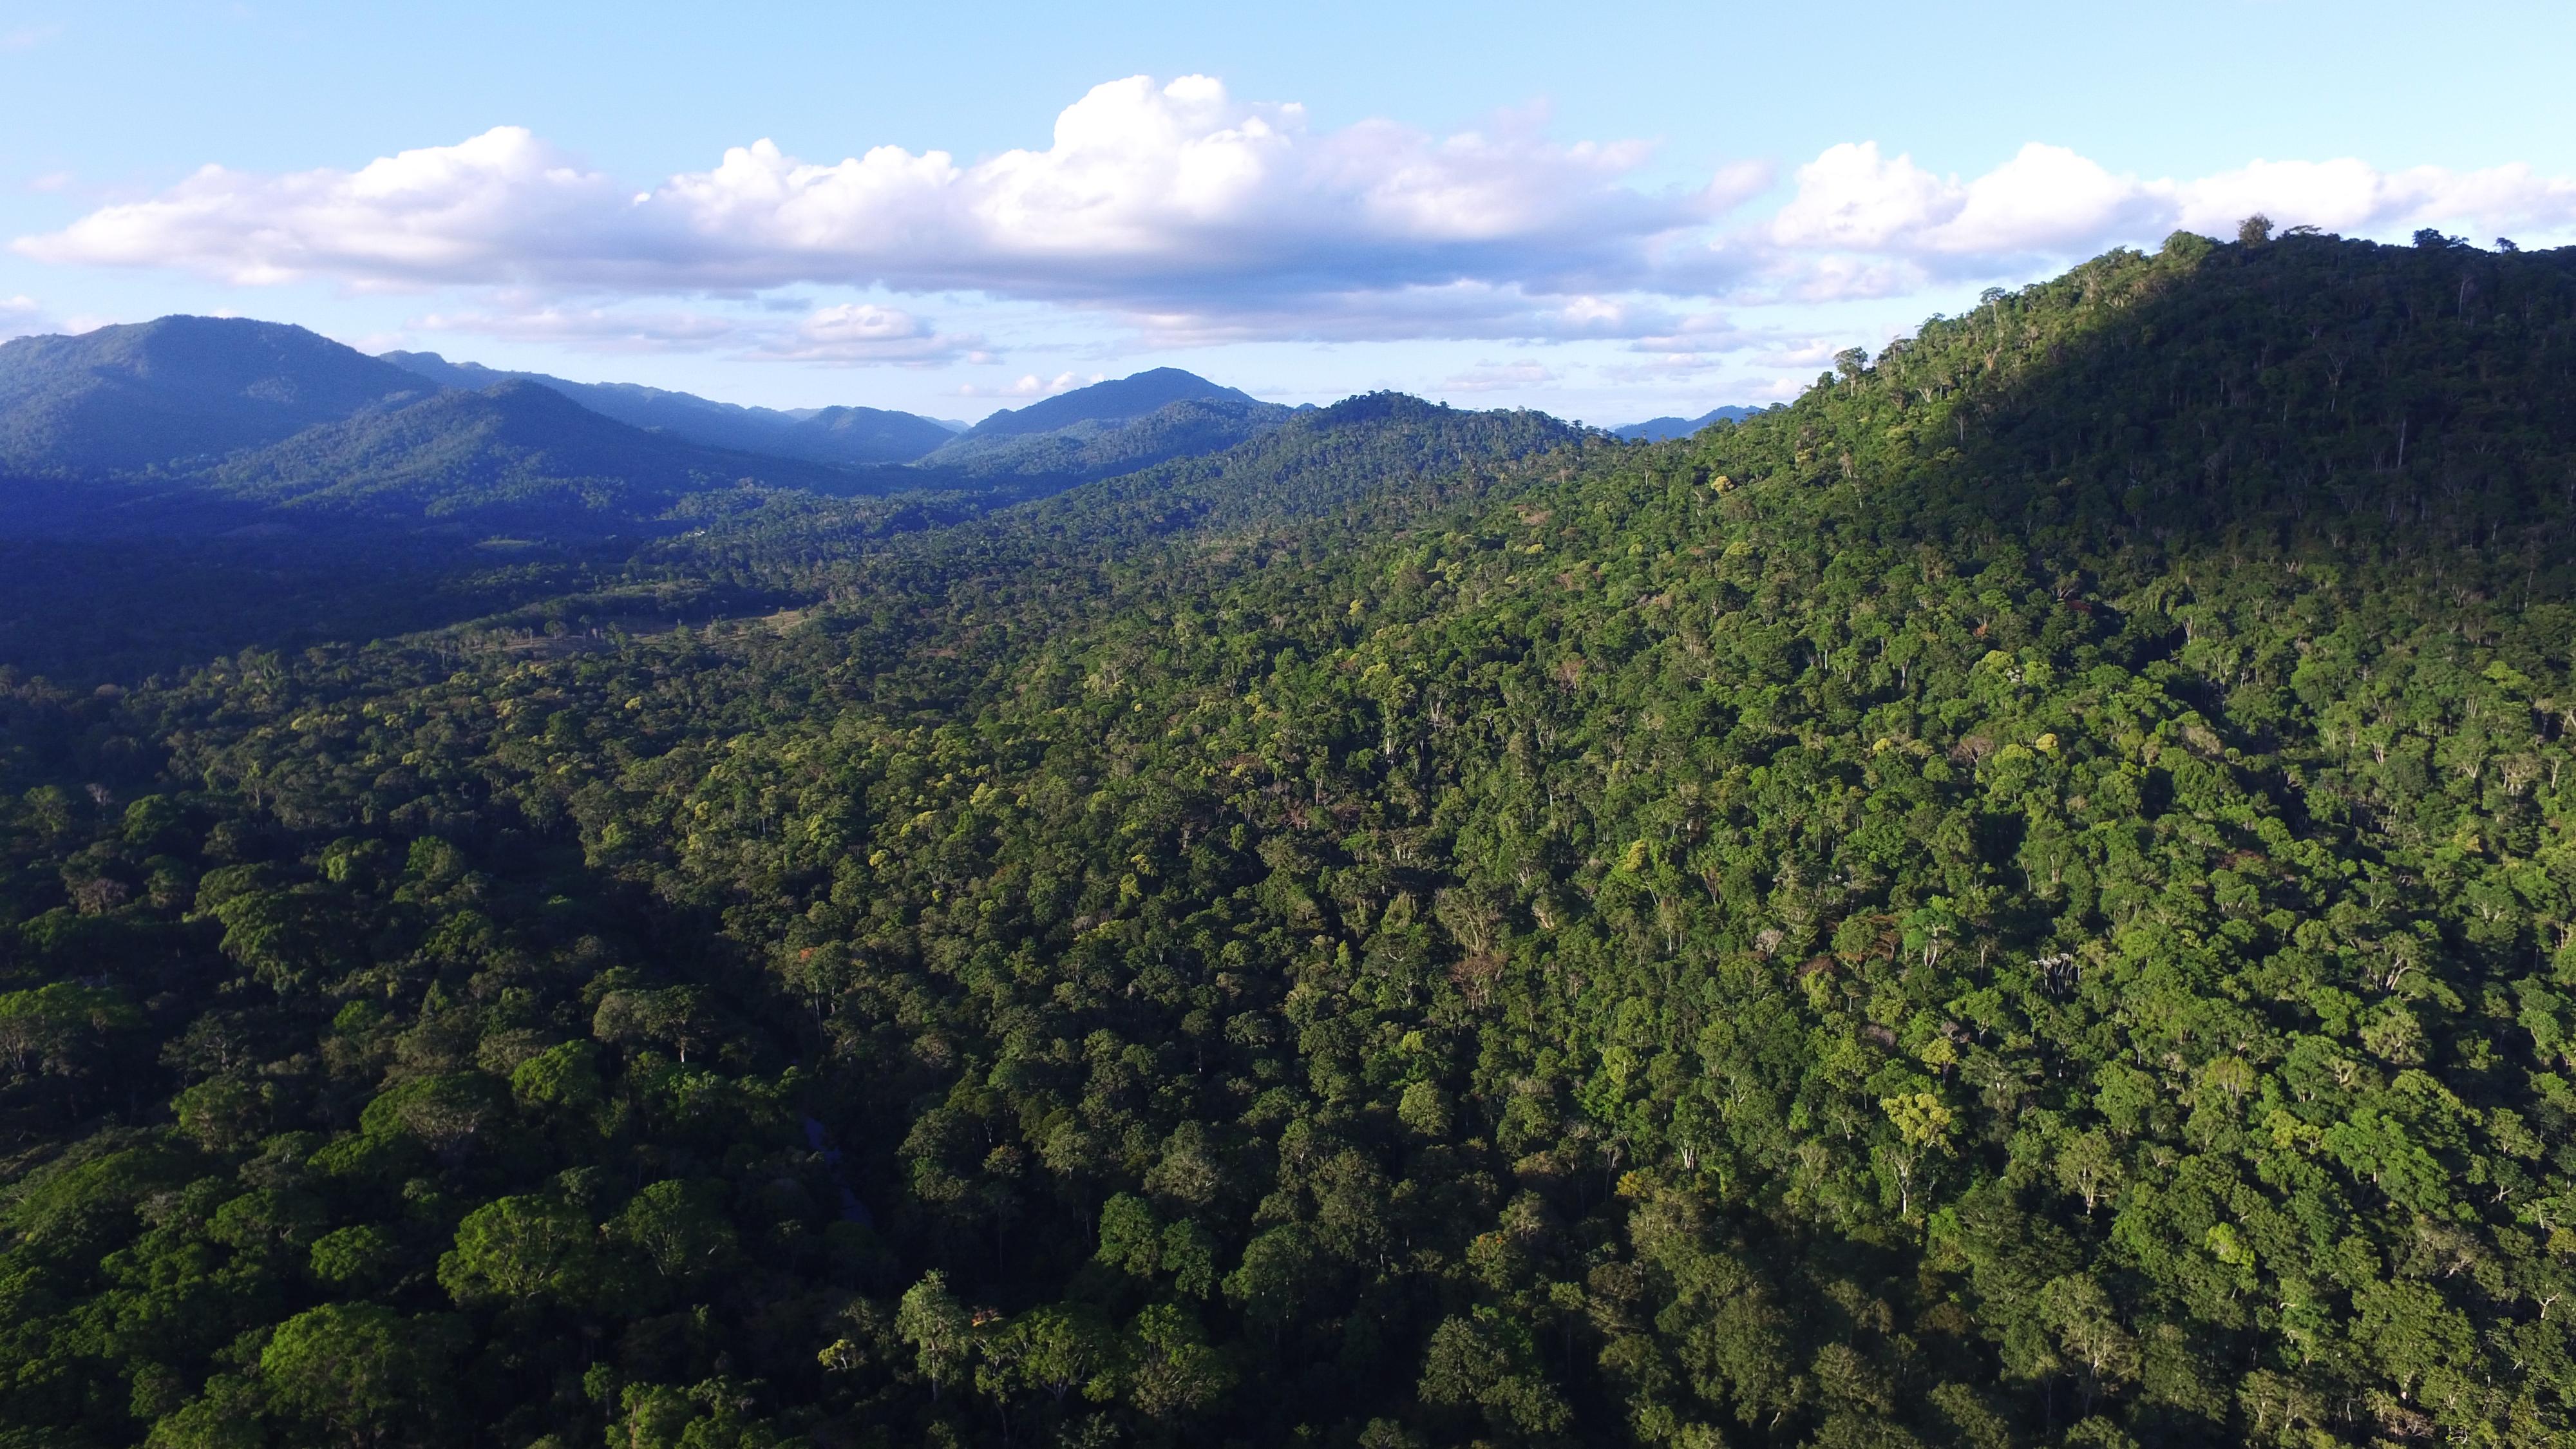 Novo Código Florestal não avançou na Mata Atlântica desde aprovação em 2012, mostra estudo